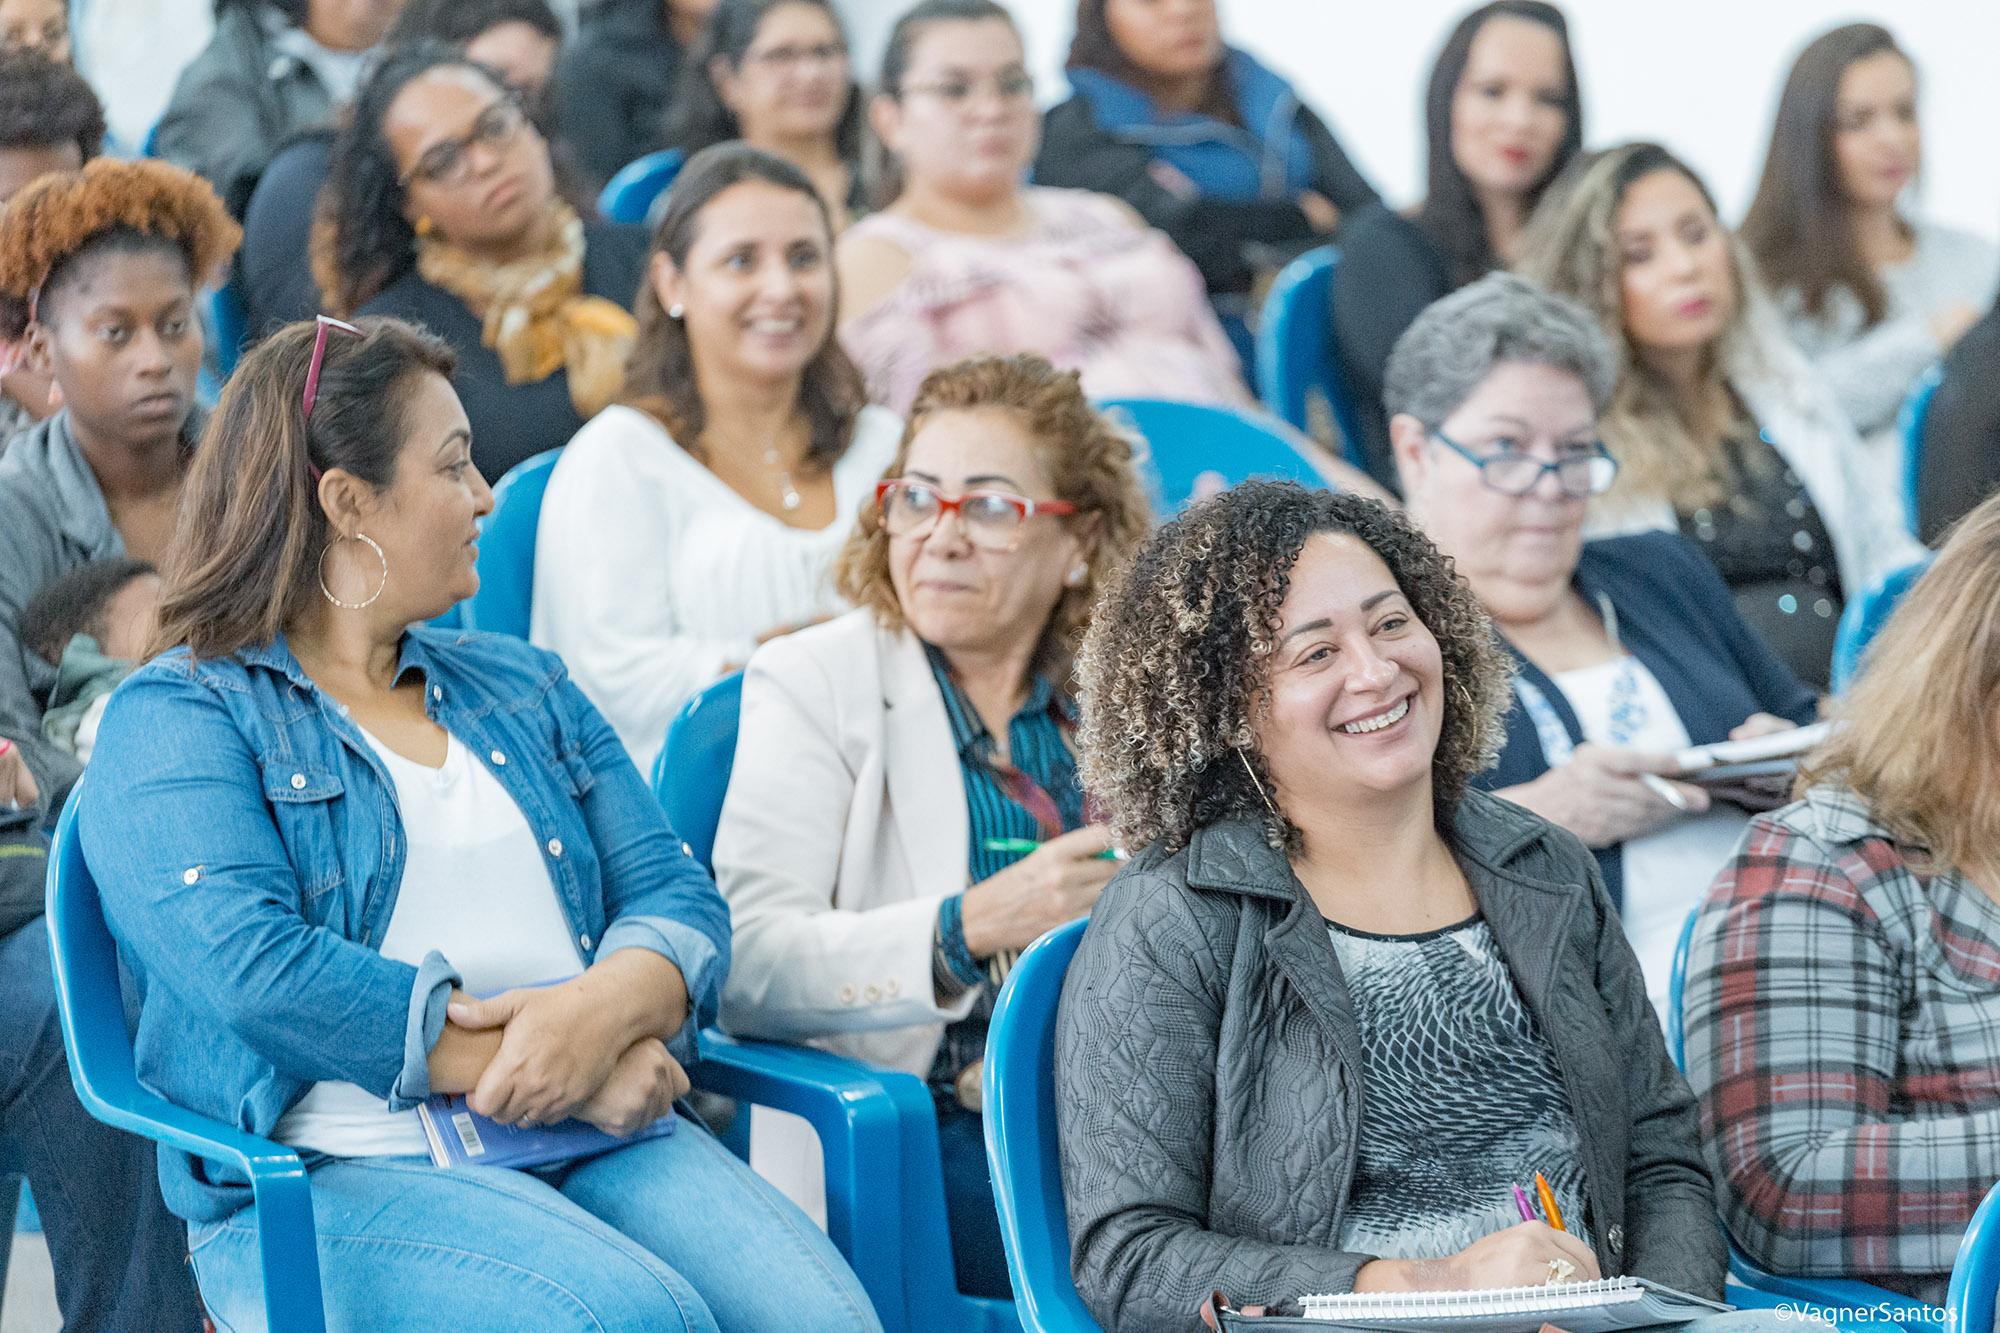 Mês da Mulher tem programação especial com palestras, reuniões socioeducativas, roda de conversa e caminhadas